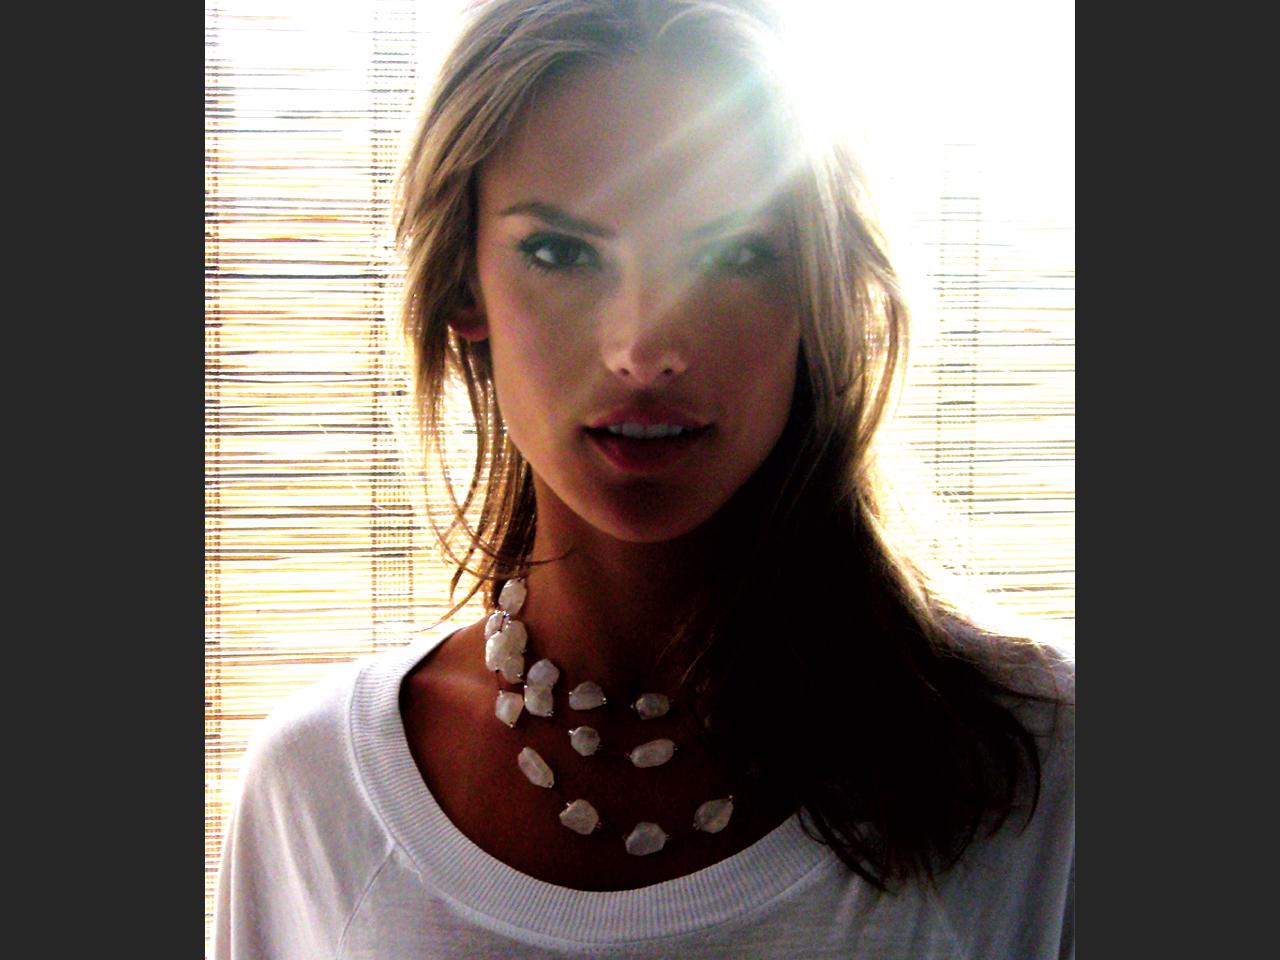 Alessandra Ambrosio, Victoria Secret angel & supermodel